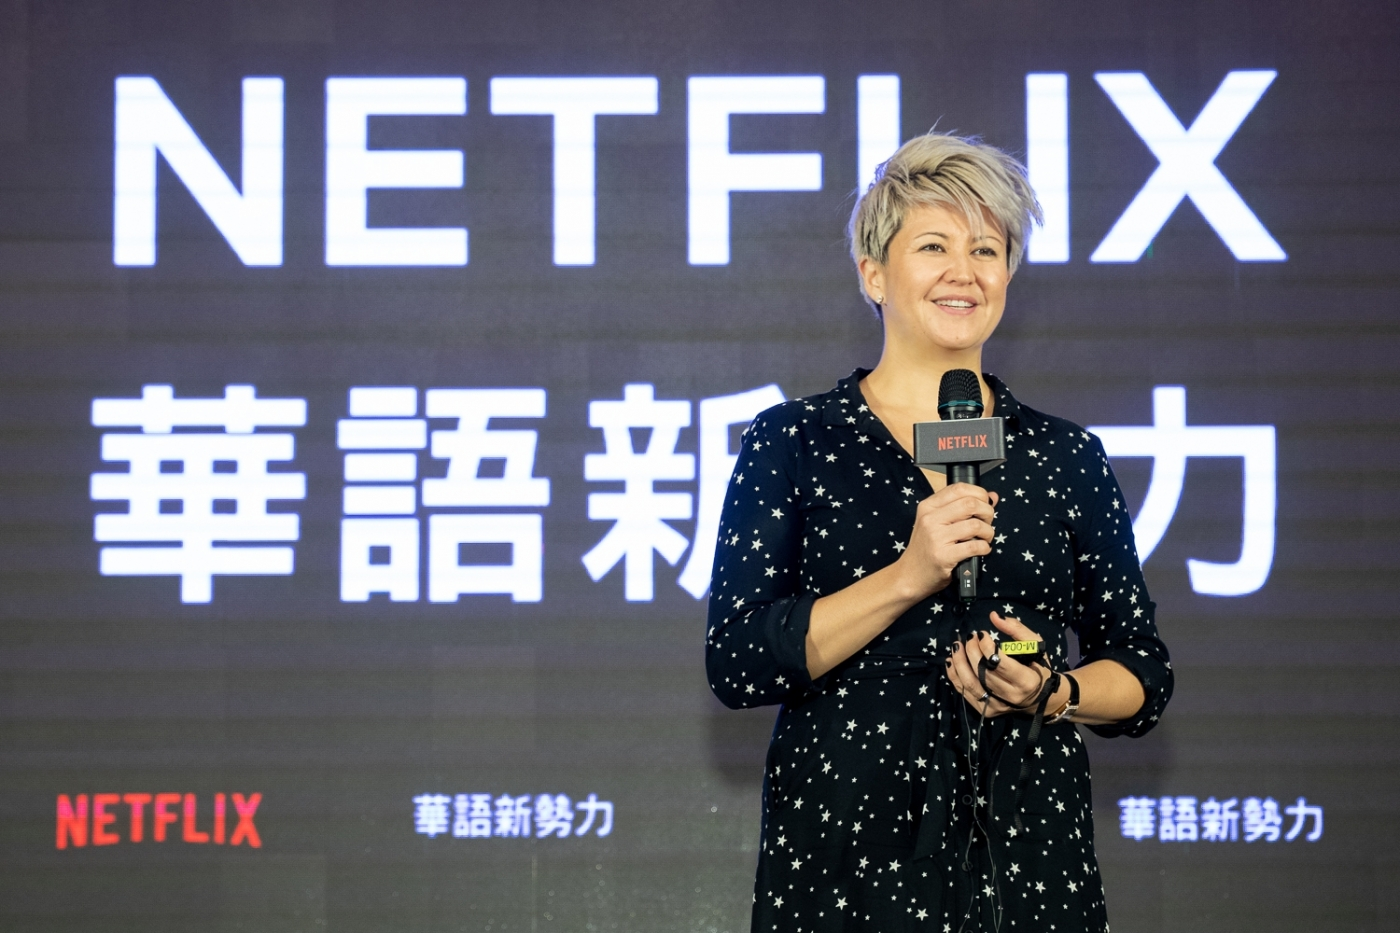 促成《罪夢者》、《極道千金》!Netflix亞洲內容原創總監離職後,給台灣留下什麼課題?